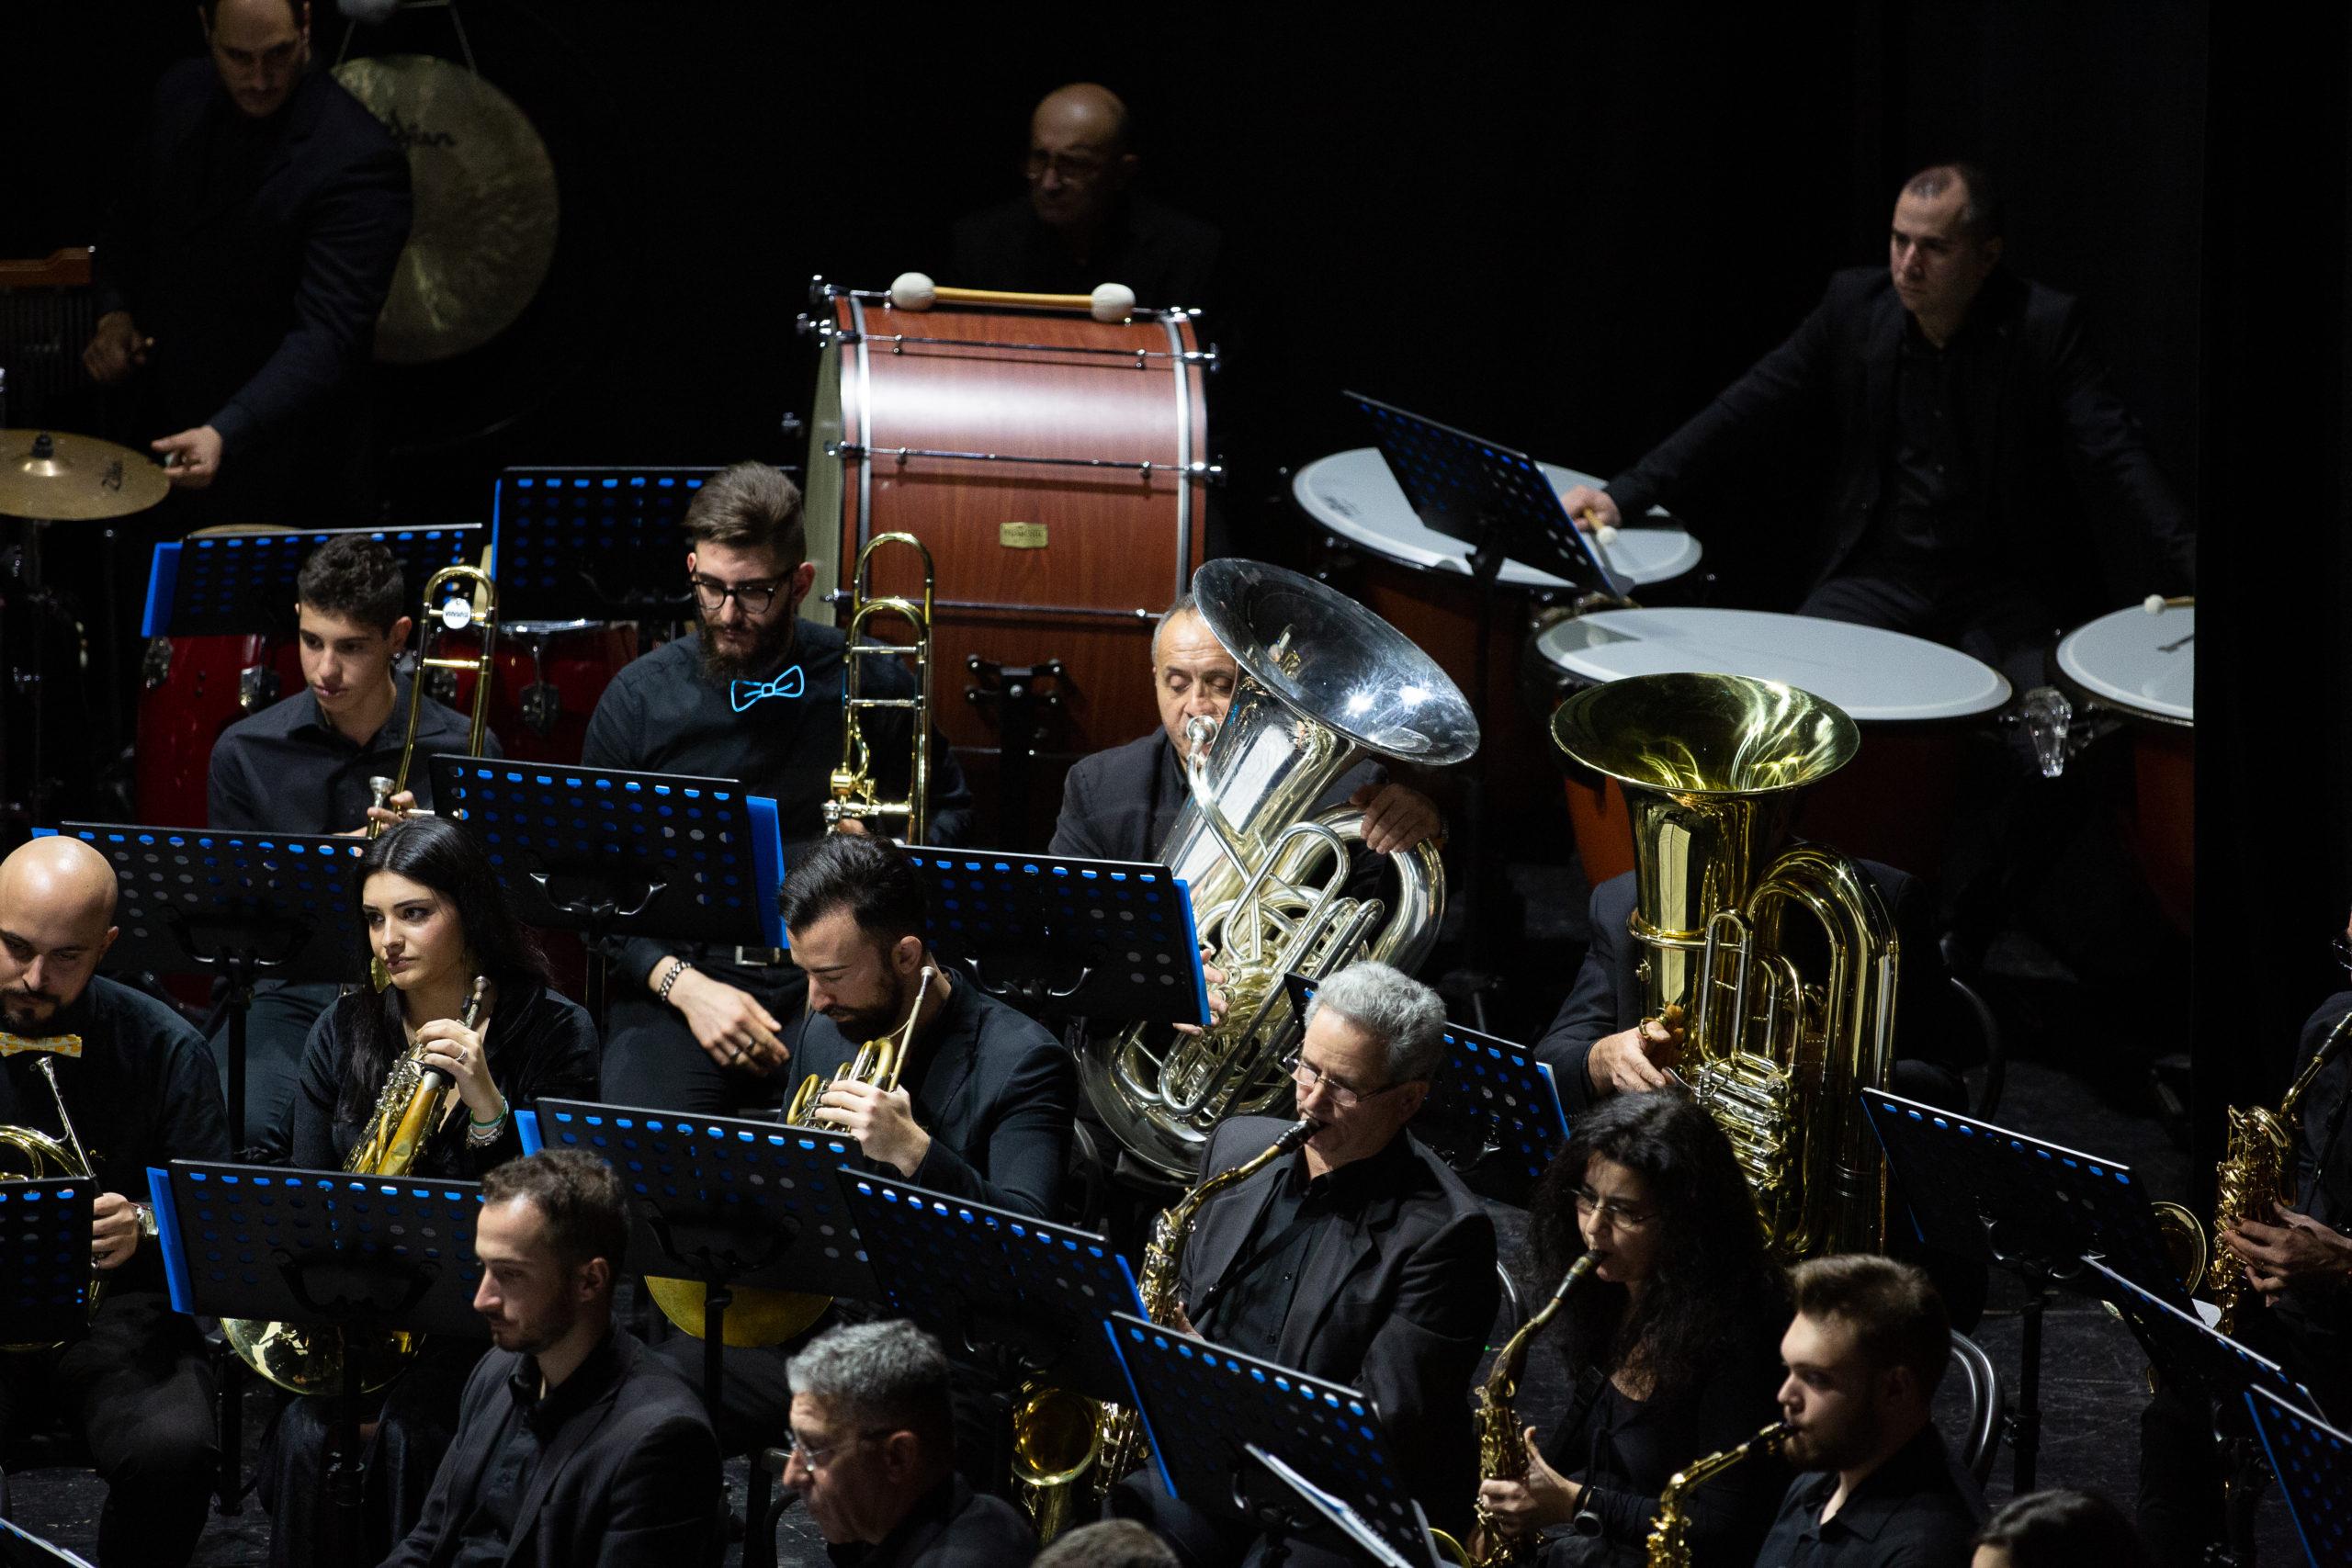 Concerto-di-Natale-Banda-Alaleona-Foto-di-Marco-Rapazzetti-2-scaled